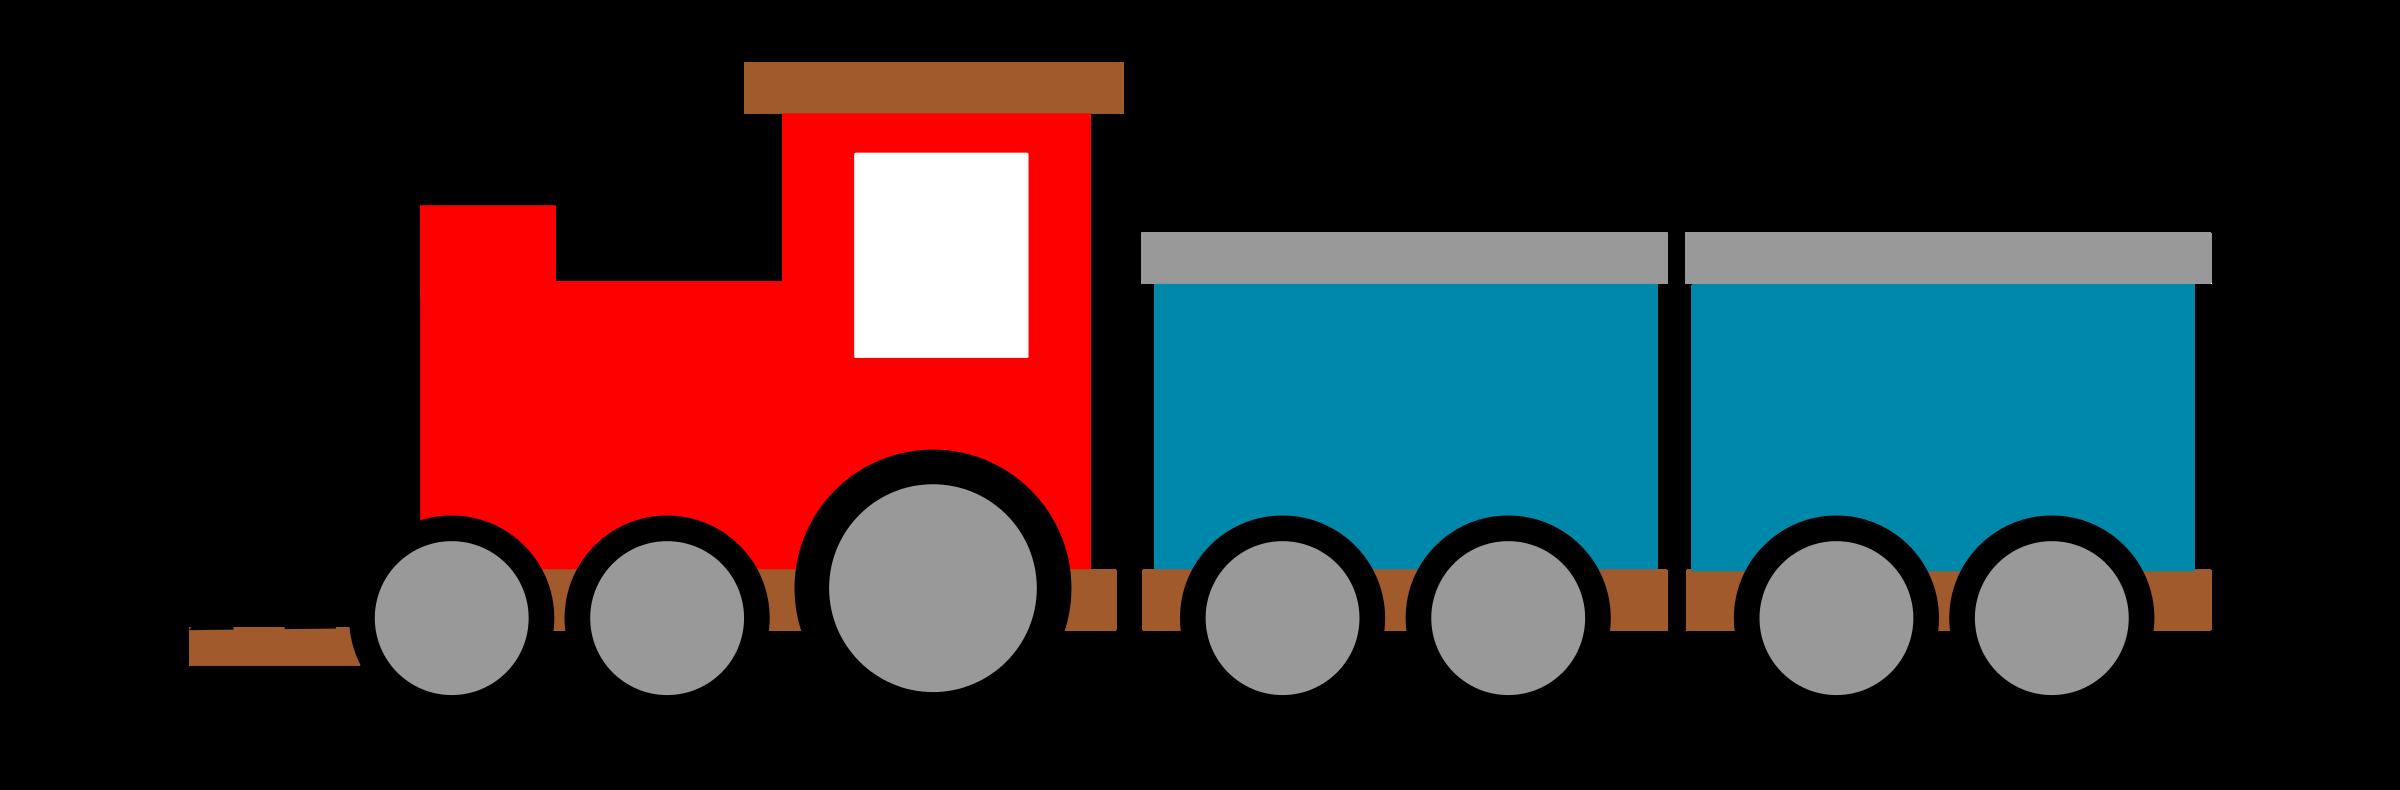 2400x790 Cartoon Trains Clipart